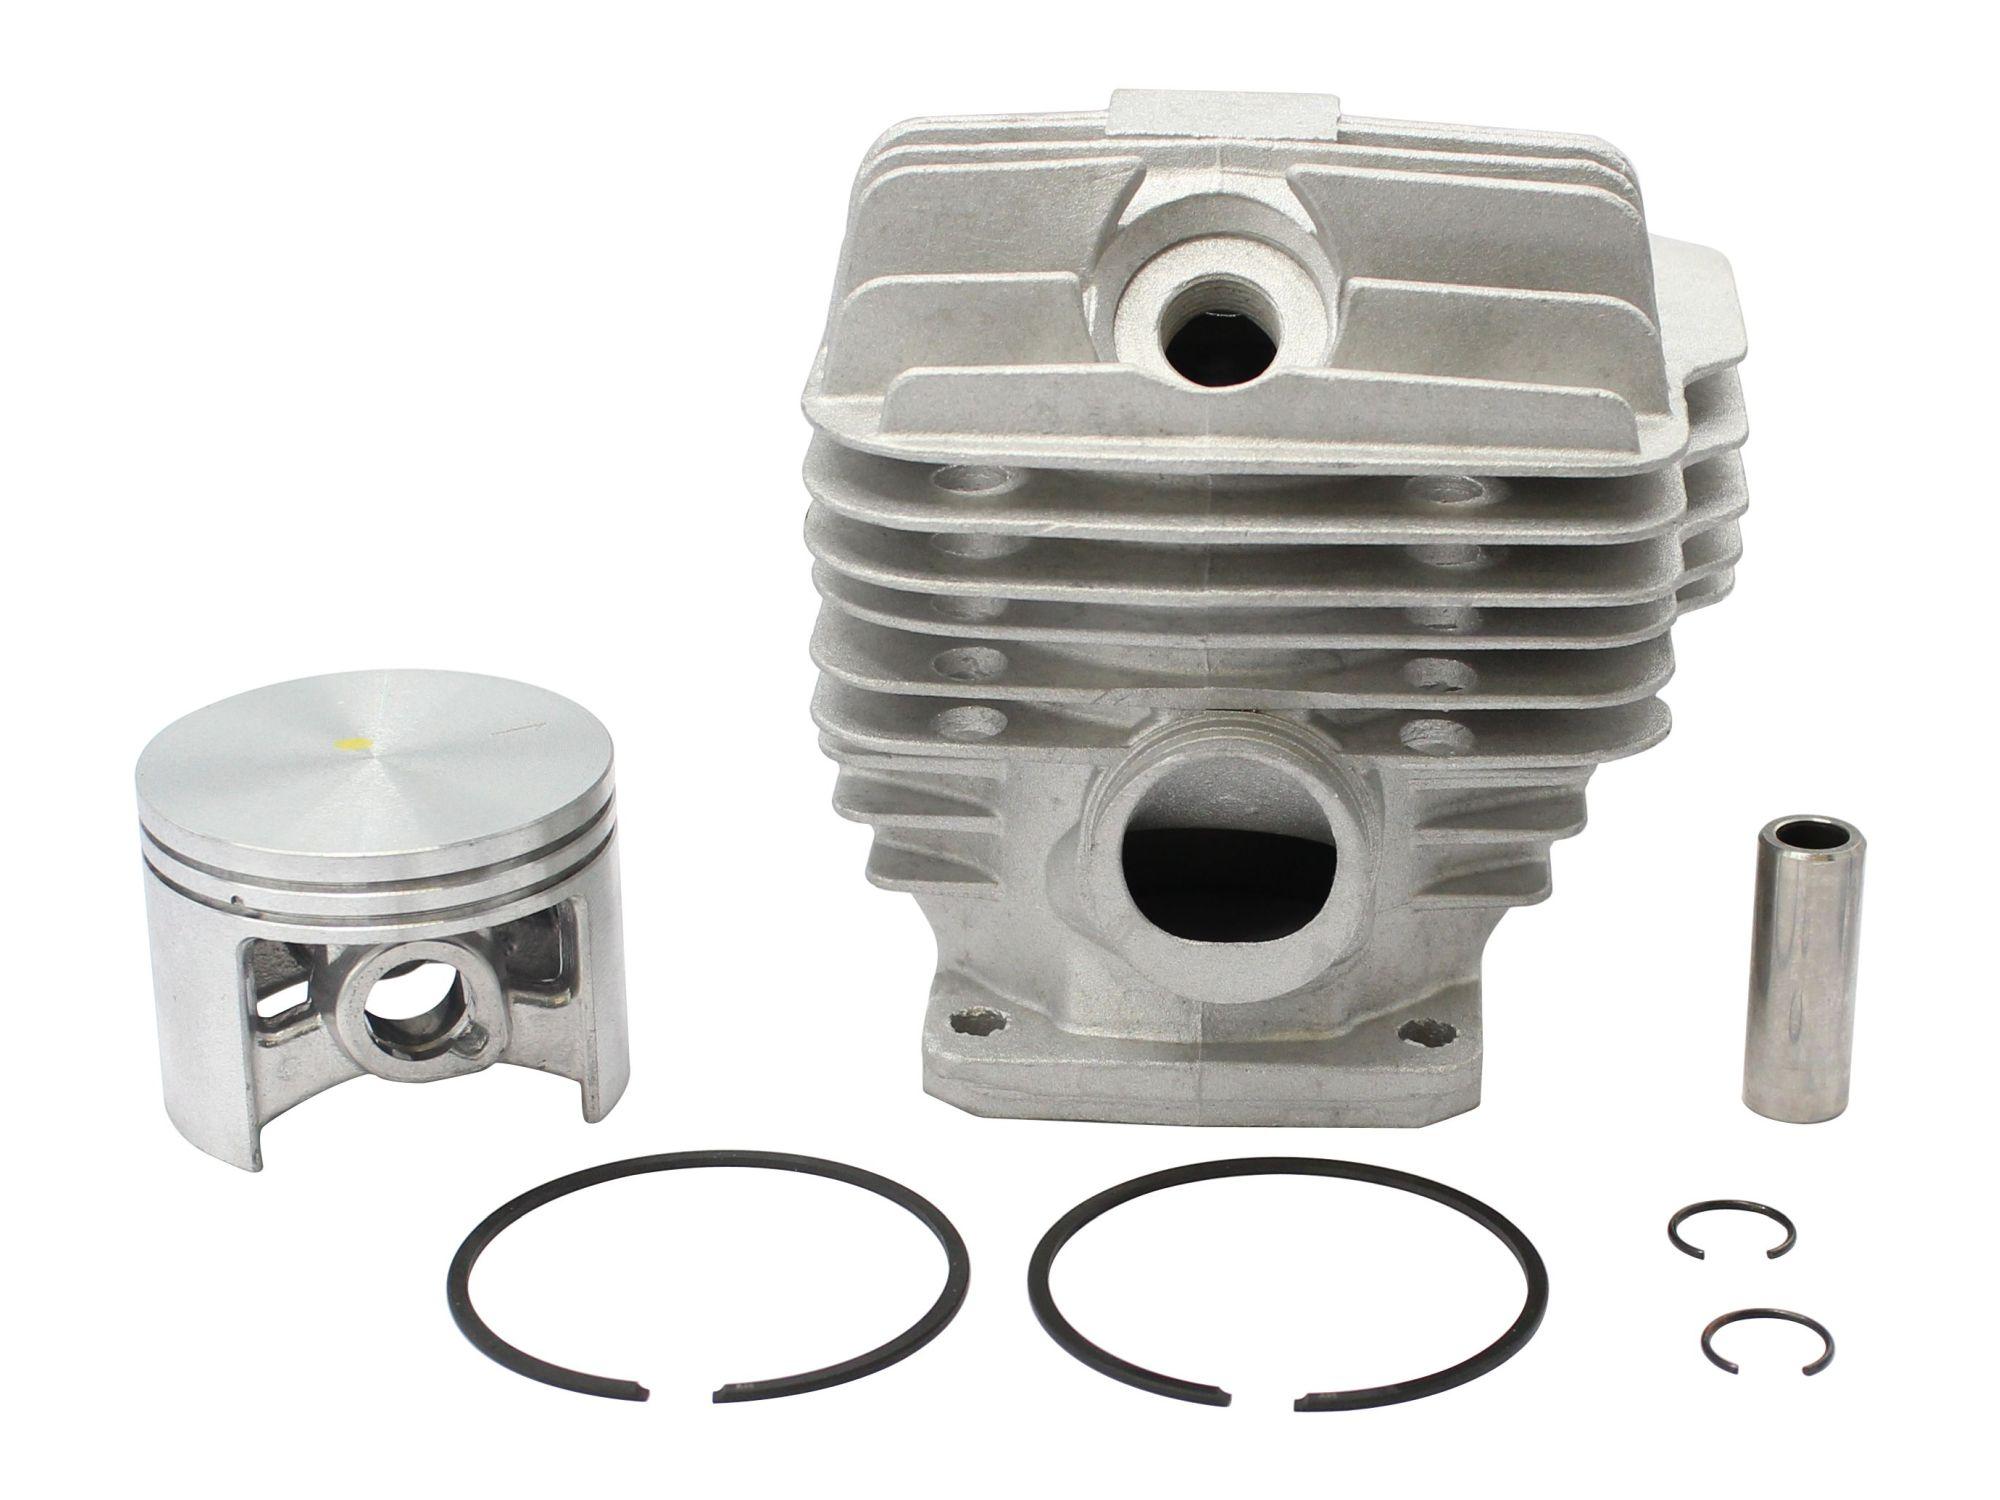 Kolben und Zylinder für Stihl Motorsäge 046 MS 460 Zylinderkit